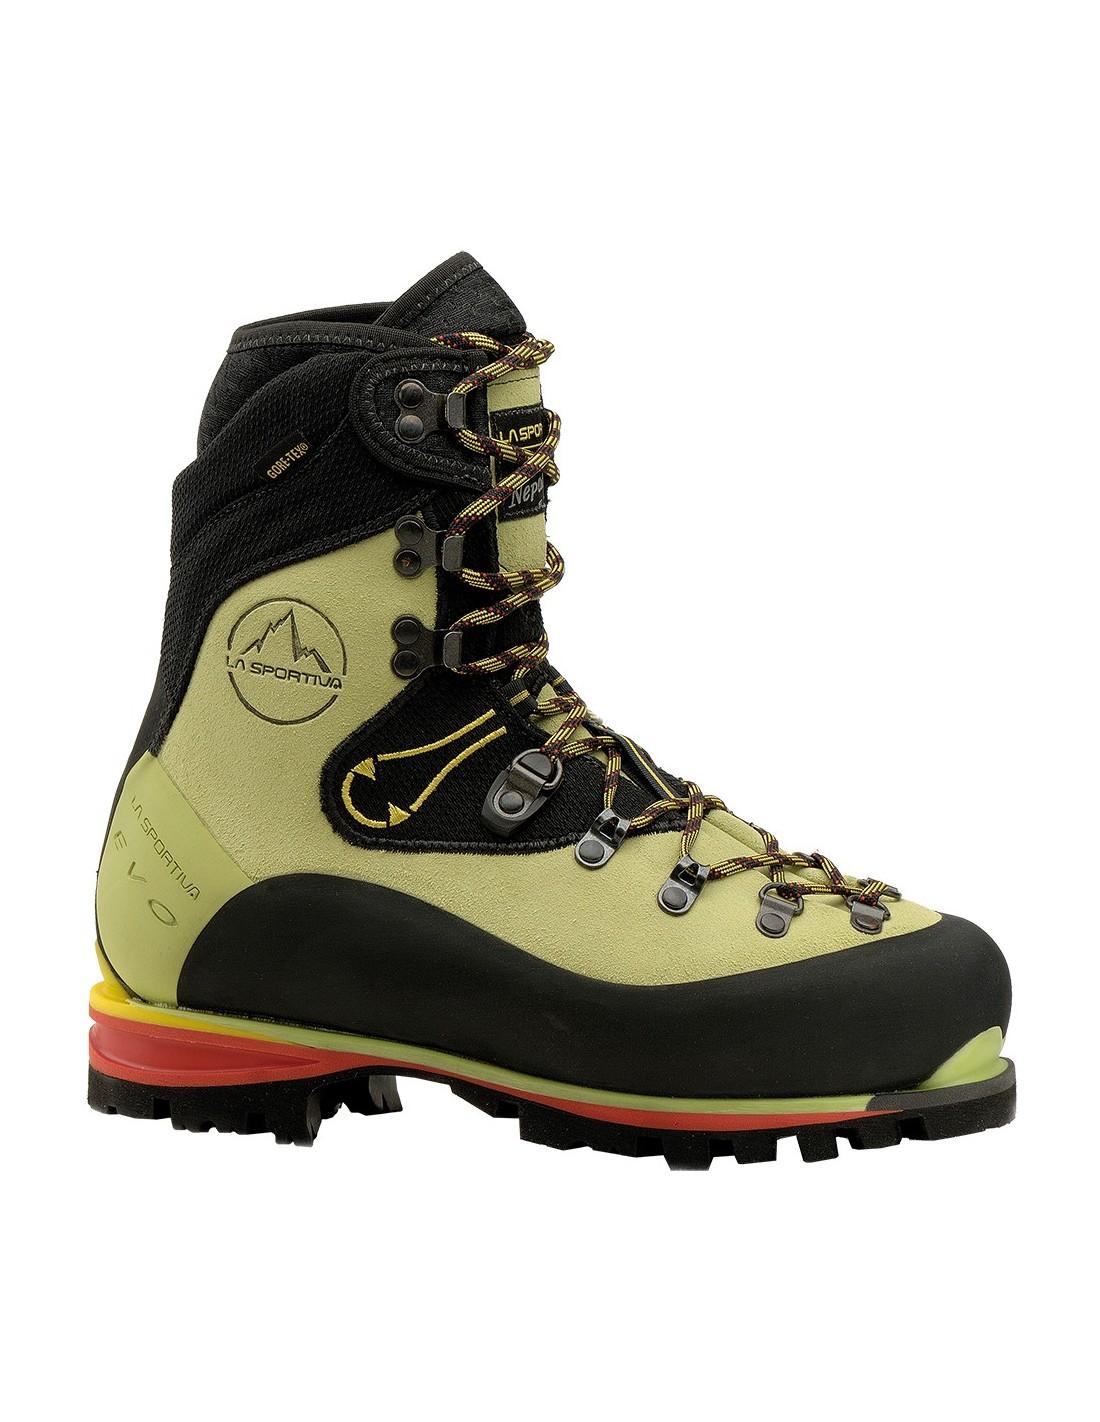 Schuh Nepal Evo GTX Woman Schuhgröße - 41, Schuhkategorie - Klassische Hochtouren, Schuhverschluss - Schnürer, Schuhfarbe - Lime,